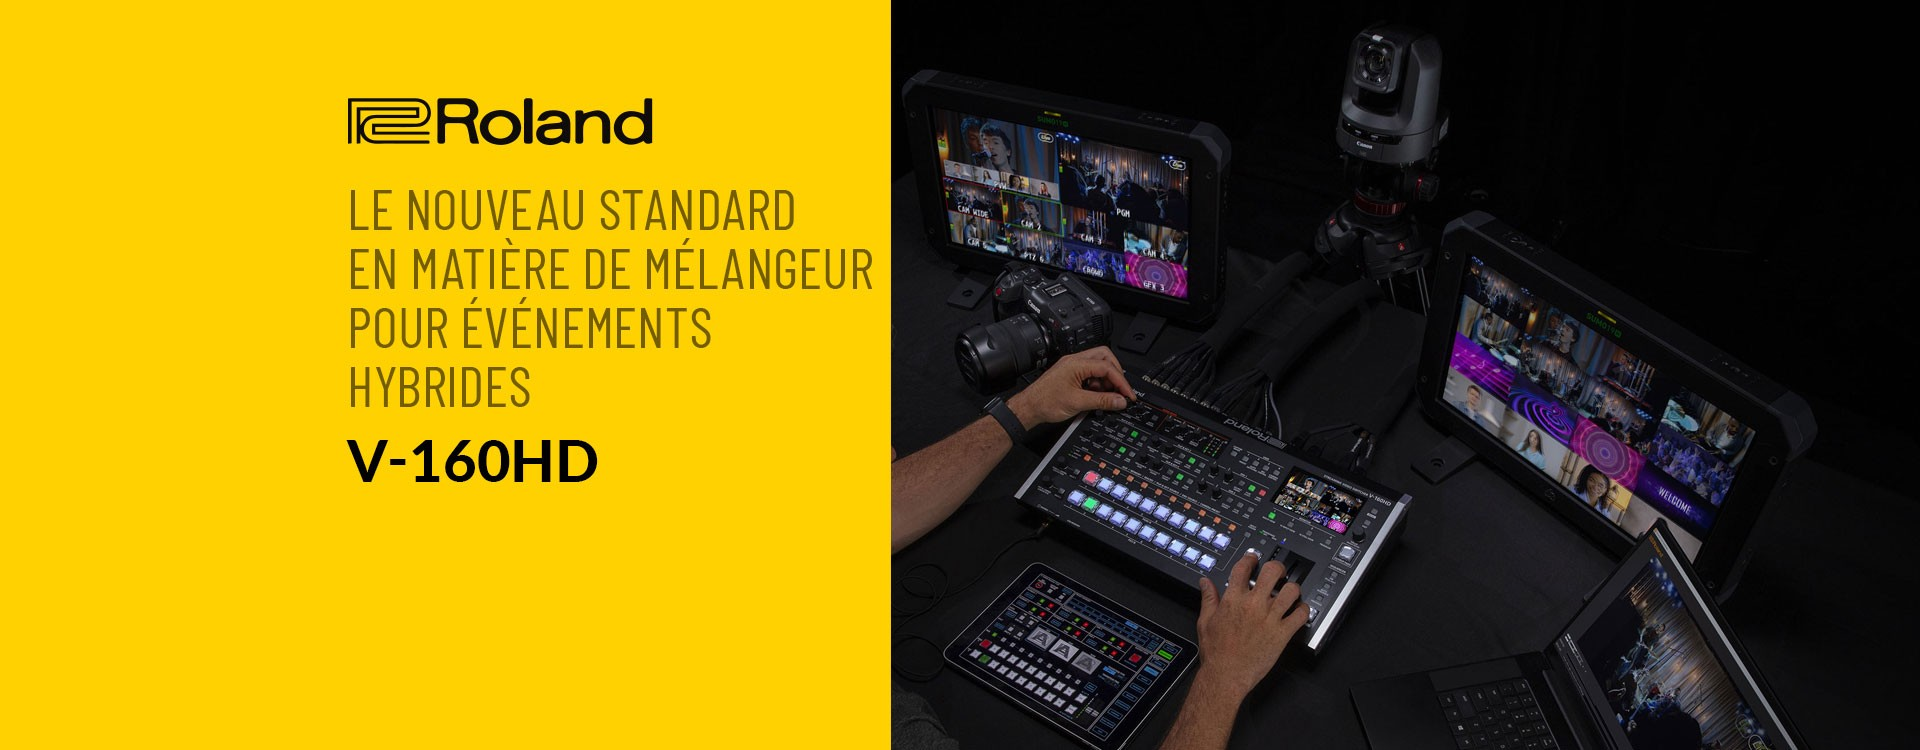 Roland présente le mélangeur de streaming V-160HD